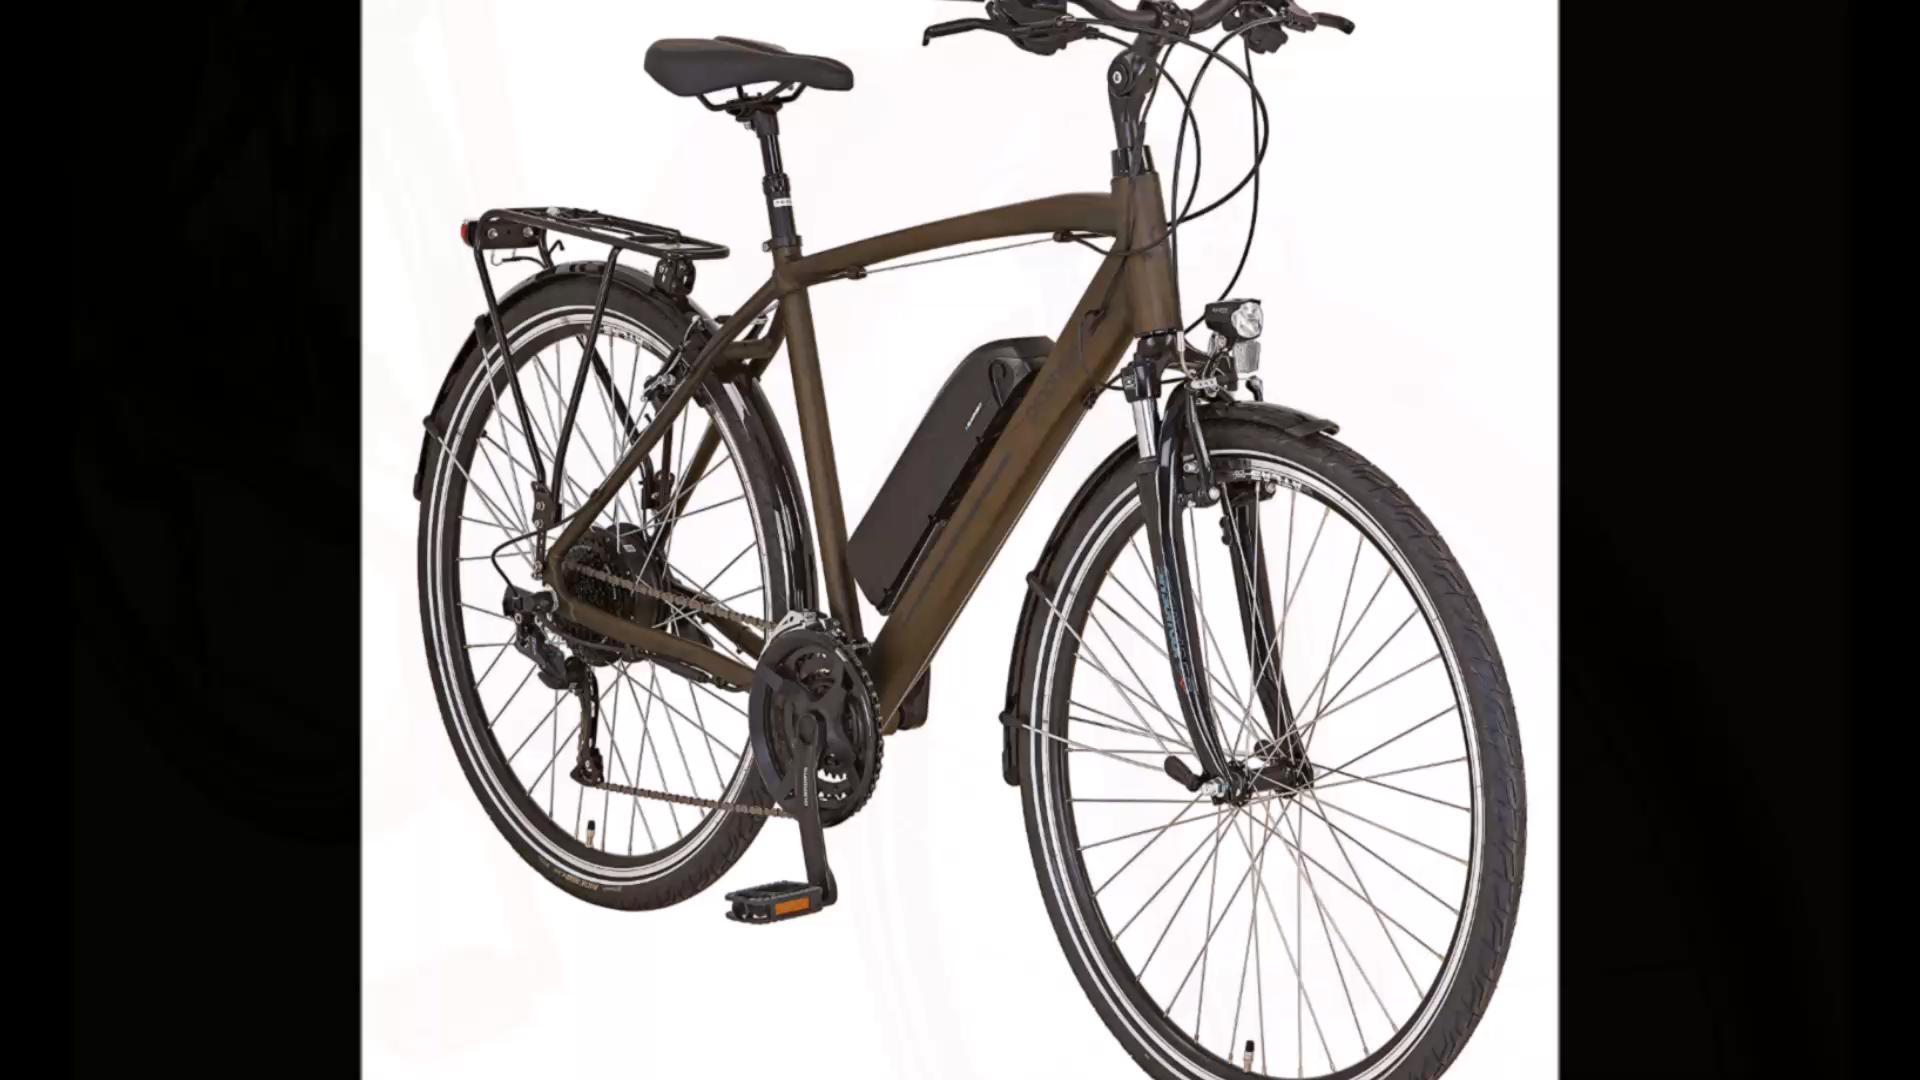 Prophete Entdecker E9 6 Trekking E Bike 28 Herren Elektrofahrrad Dunkelbraun Matt Rh 52 Cm Video In 2020 Elektrofahrrad Radfahren E Bike Gunstig